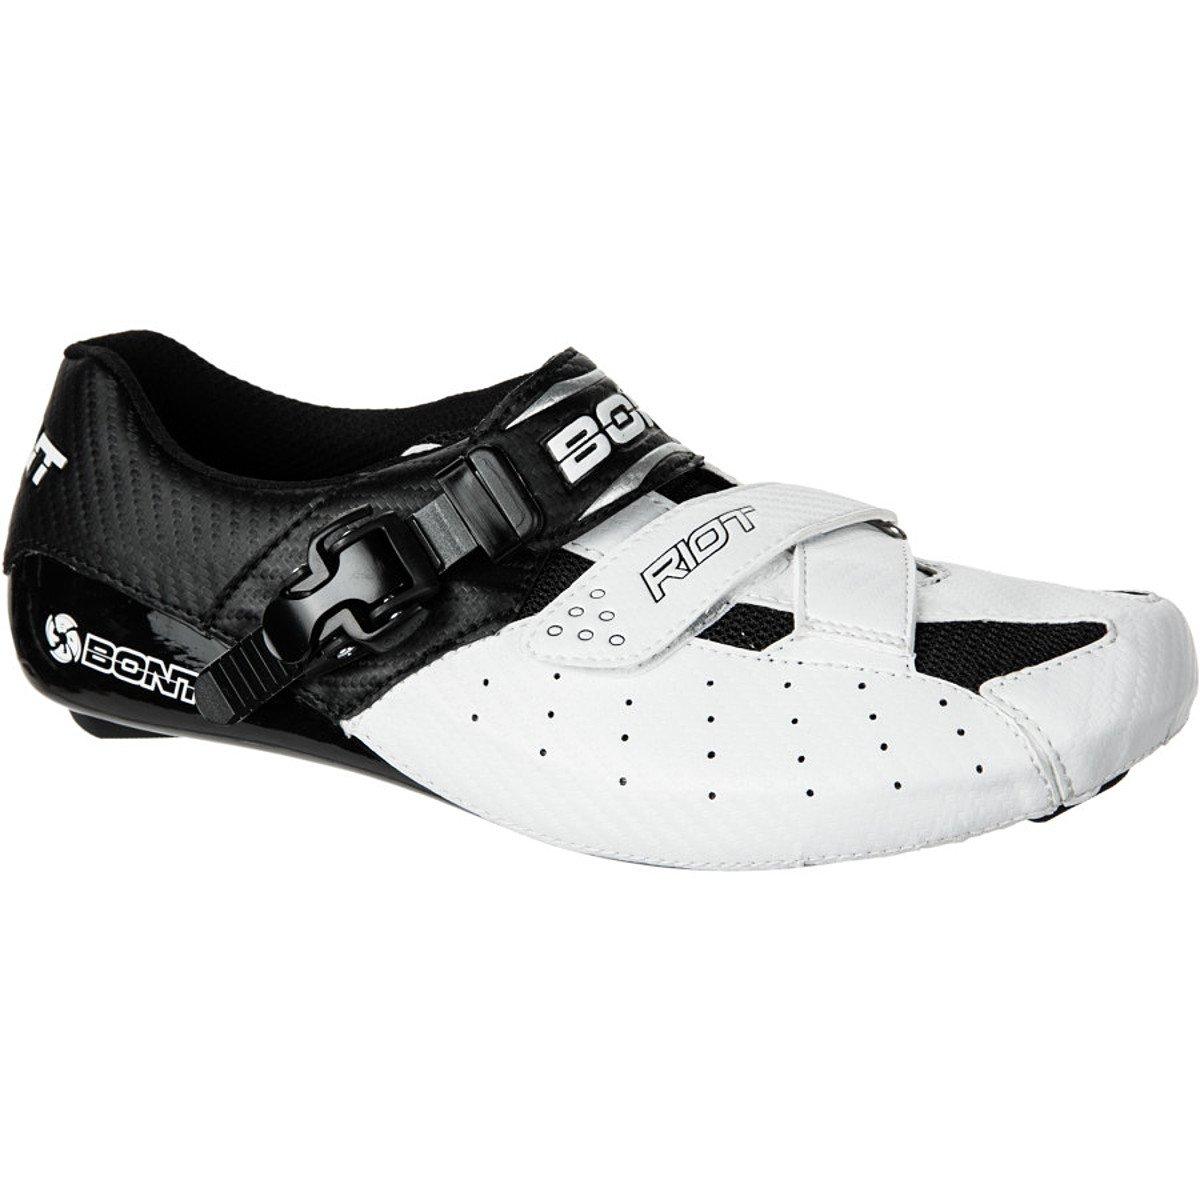 Bont Riot Schuhe Men Weiß schwarz Größe 44 2016 Mountainbike-Schuhe